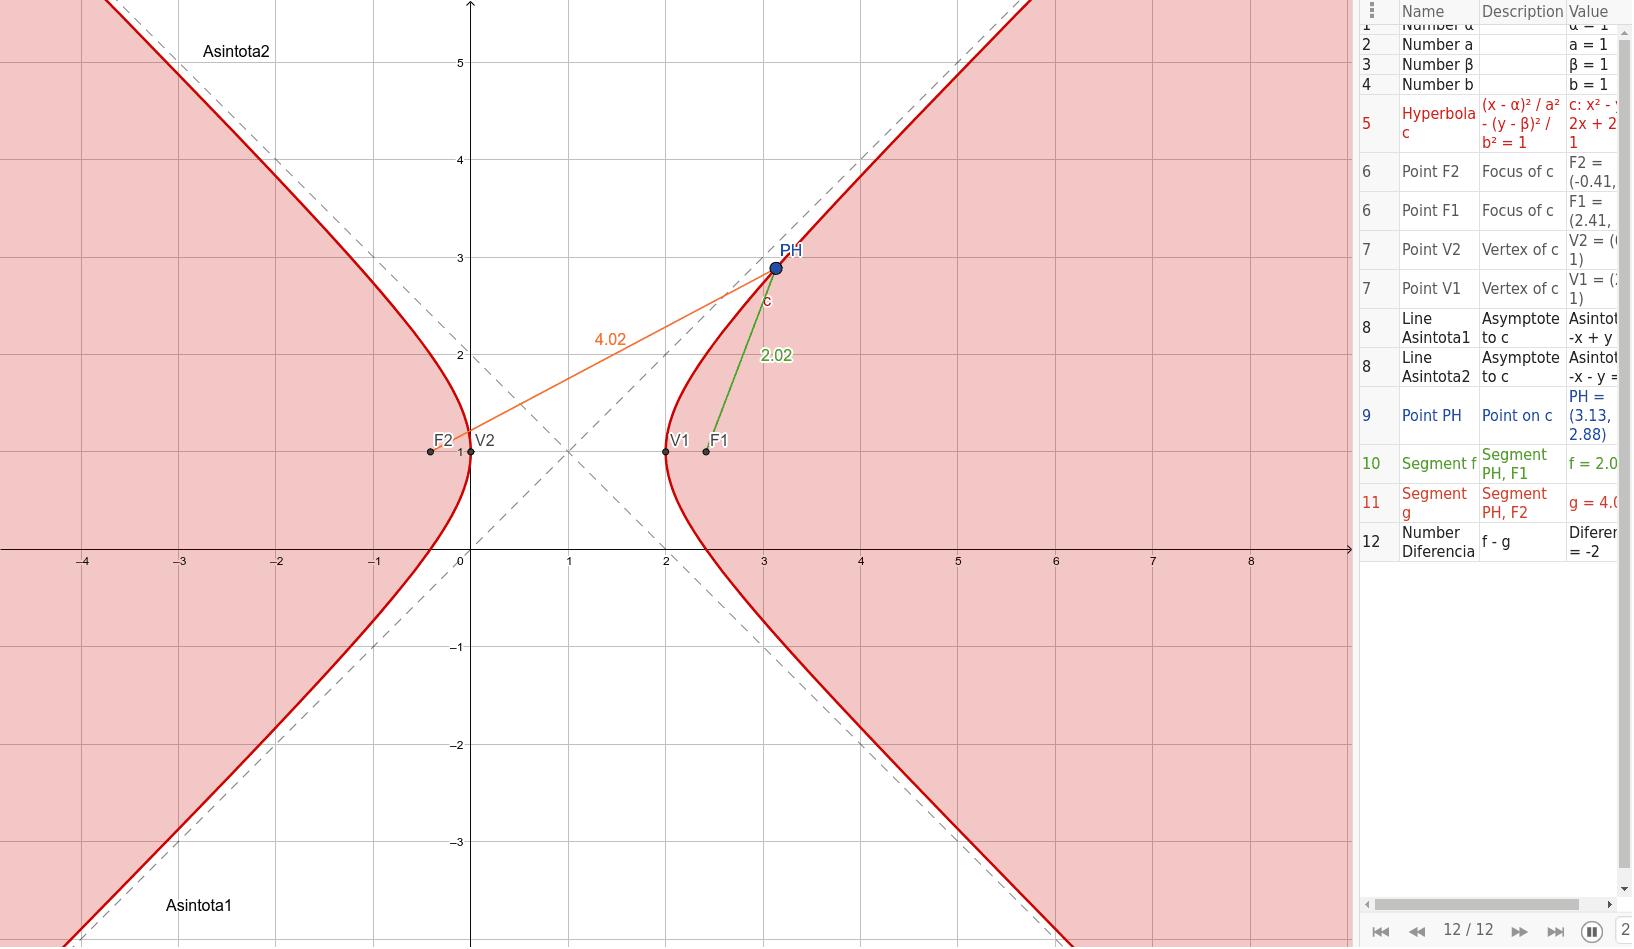 Deslizar punto en hipérbola (PH) para observar variaciones. Presiona Intro para comenzar la actividad